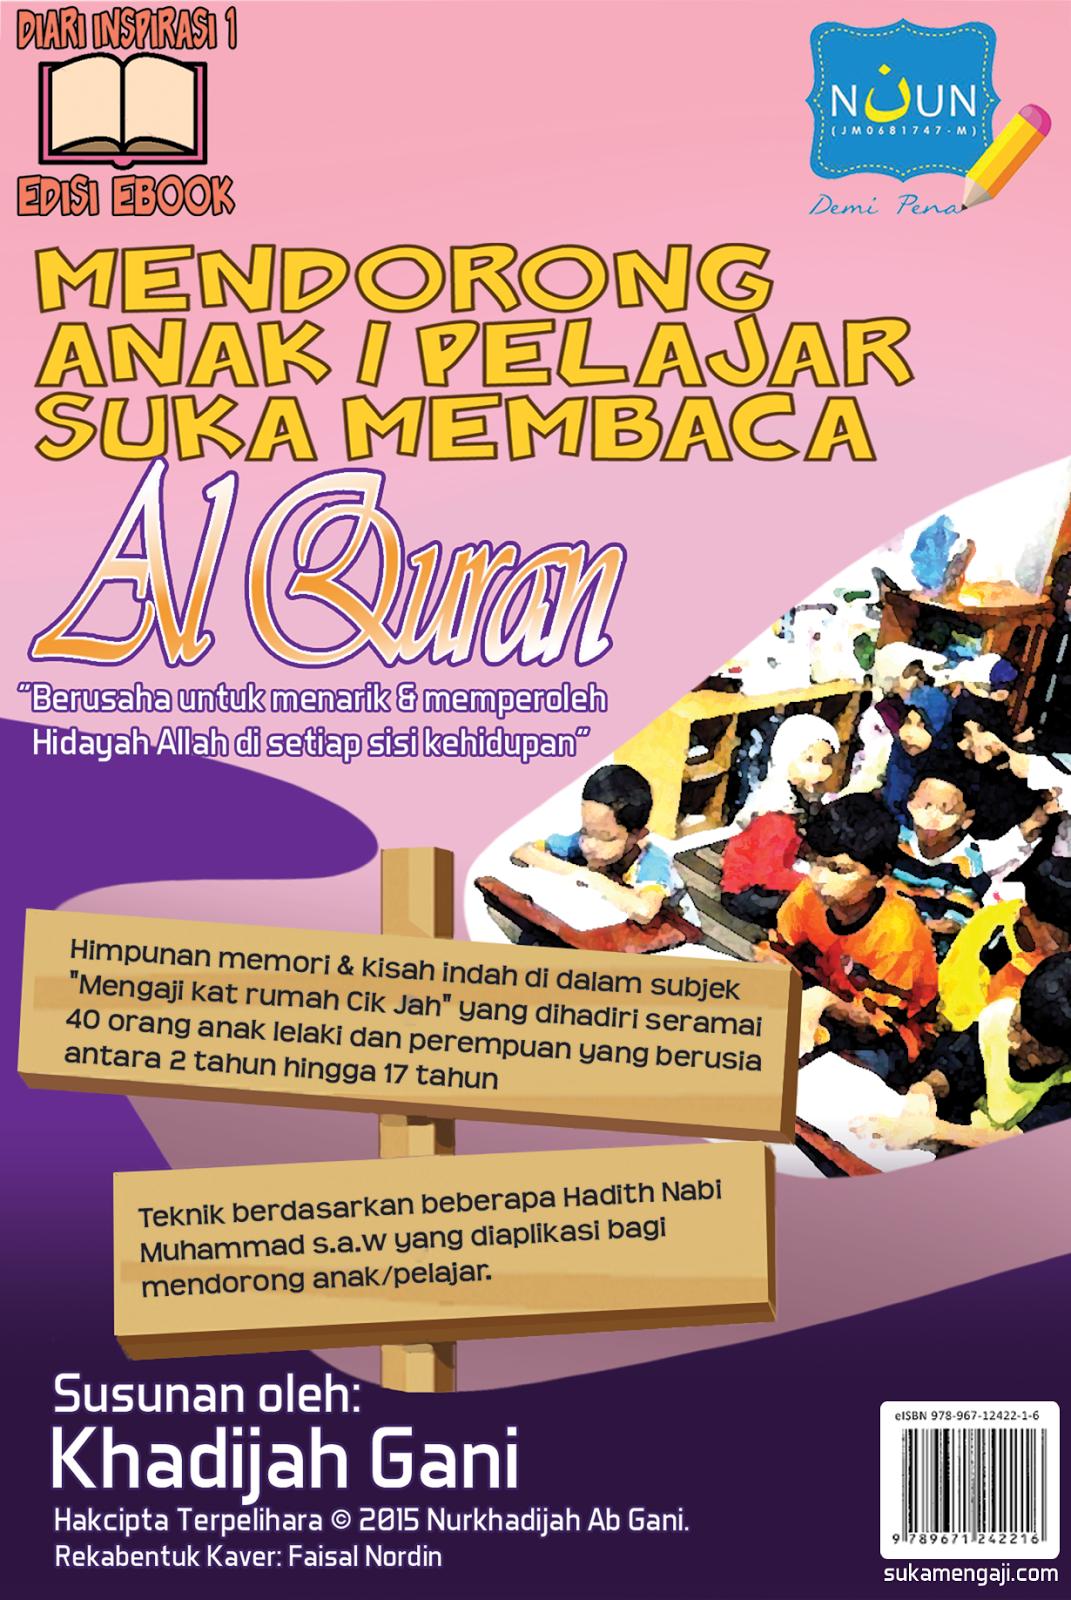 TERBAHARU! E-Book Mendorong Anak / Pelajar Suka Membaca Al-Quran